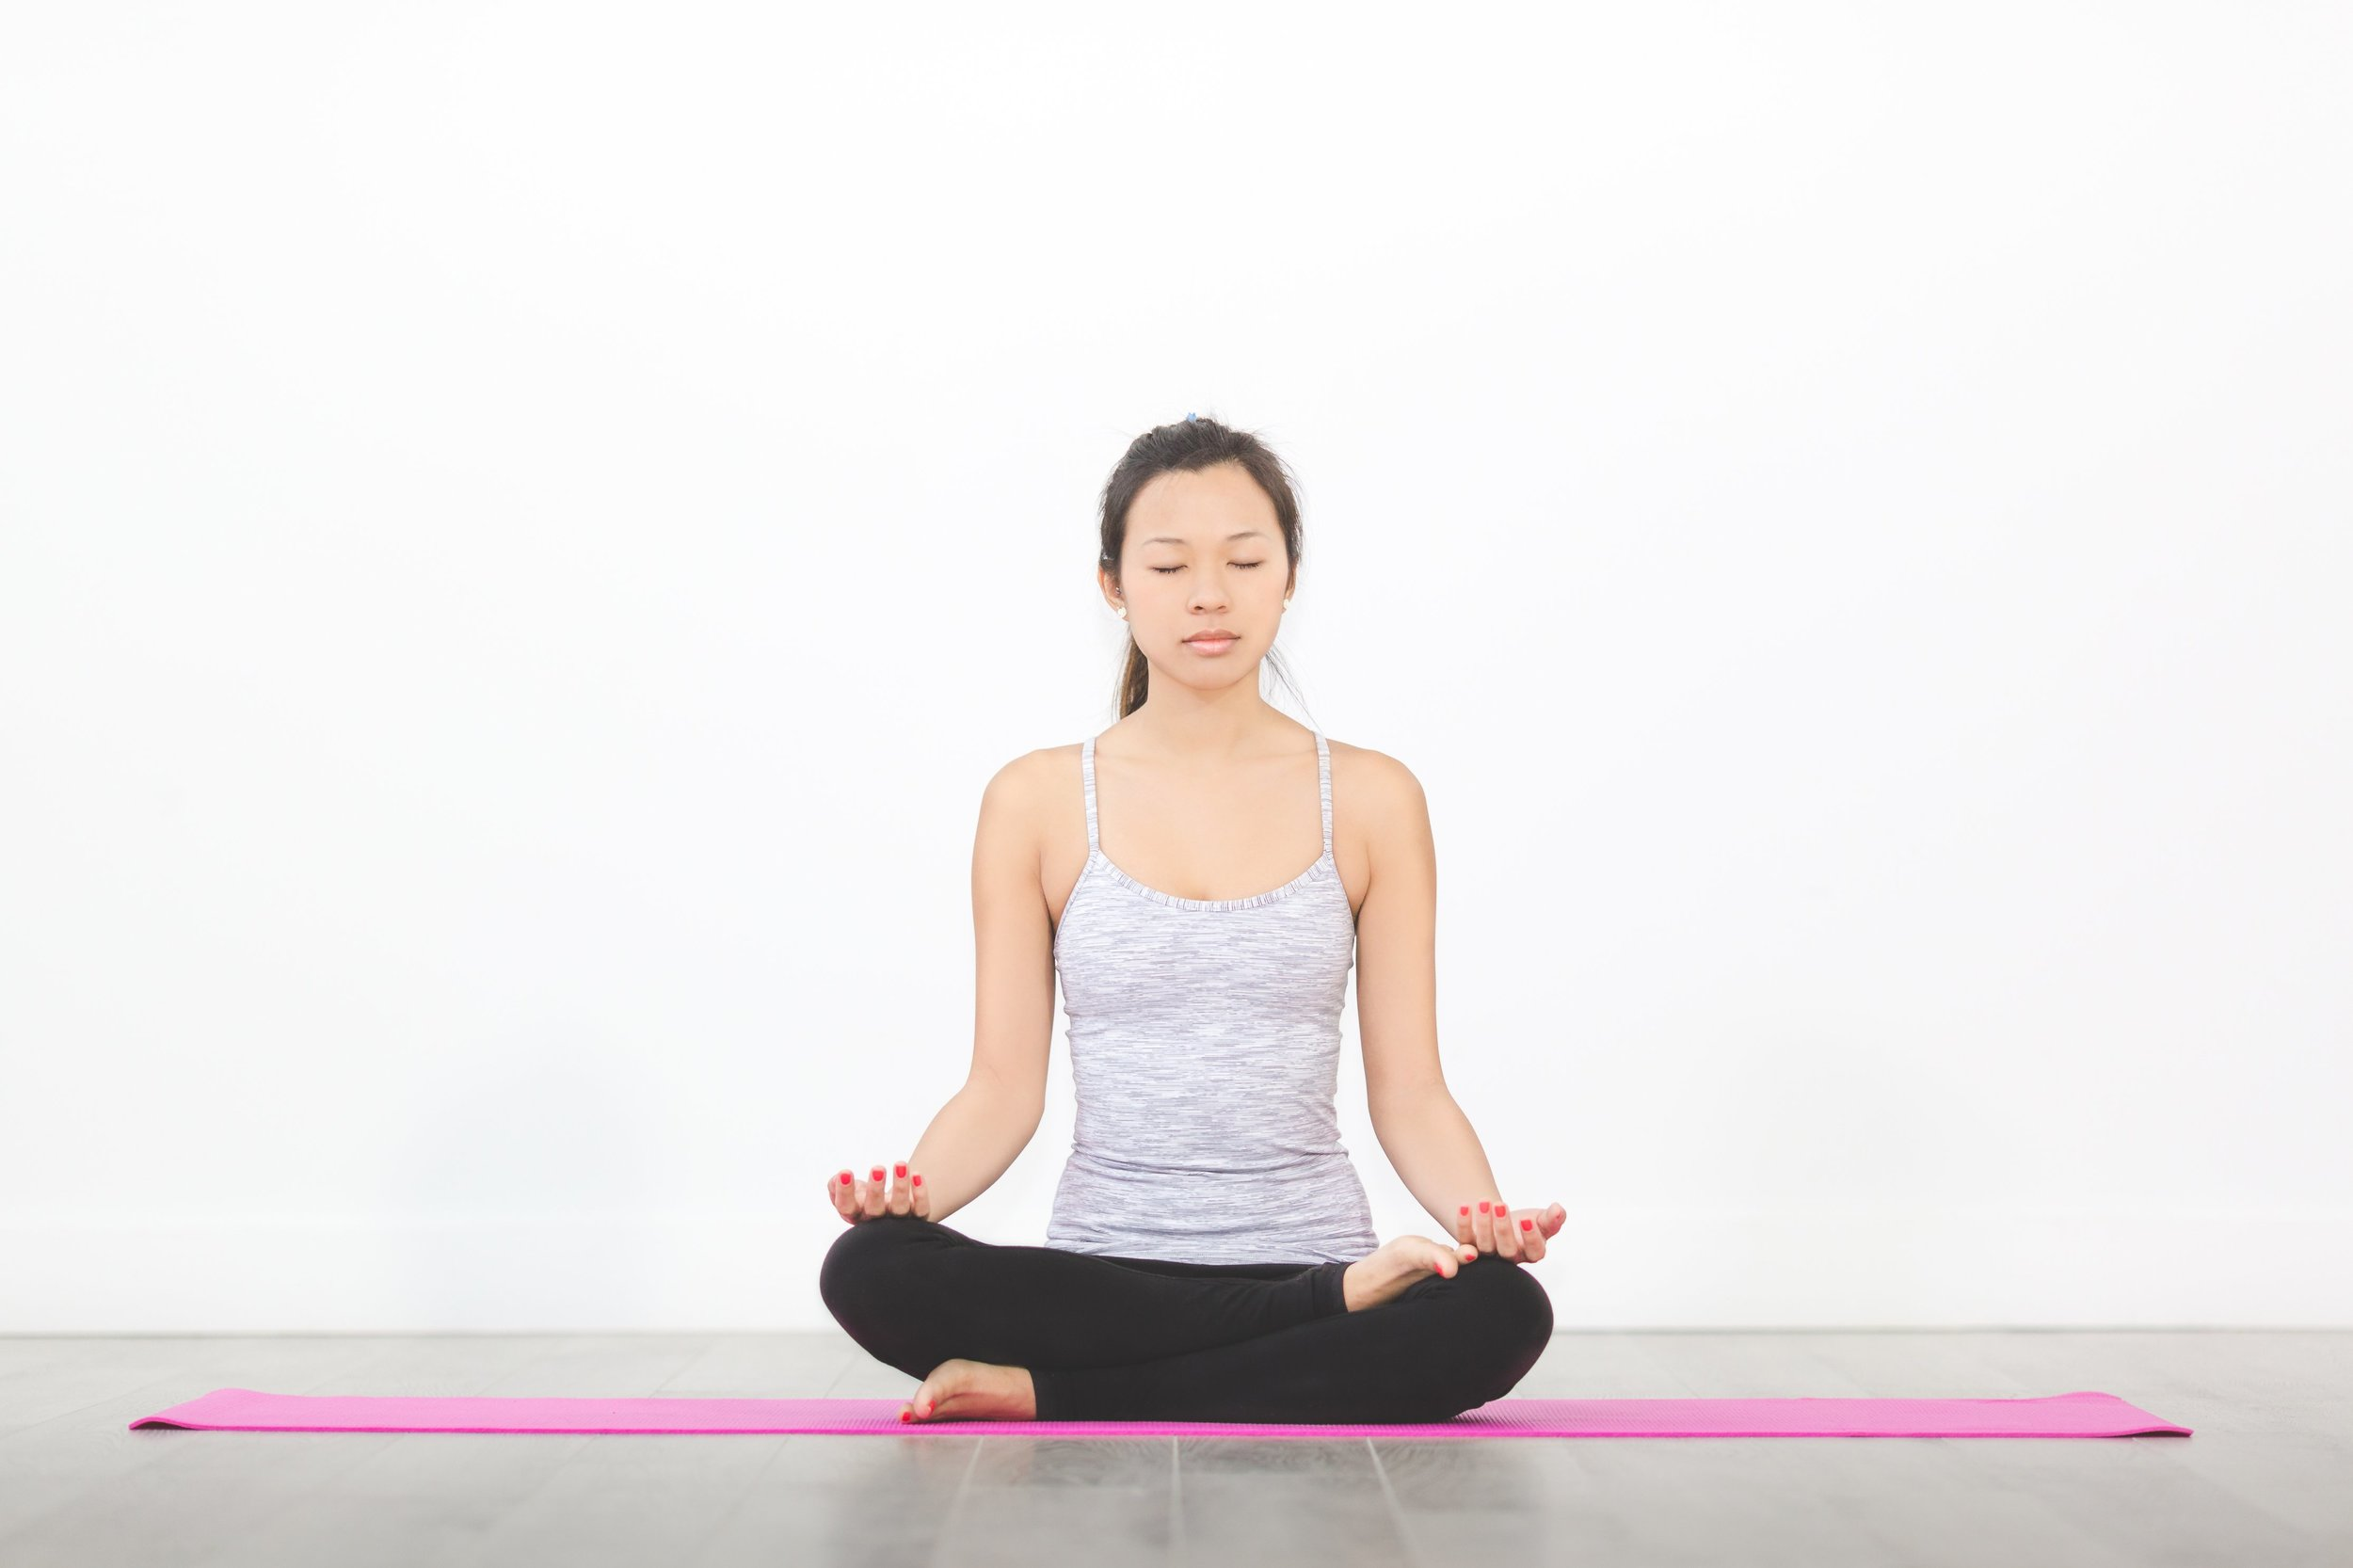 Woman yoga mediation